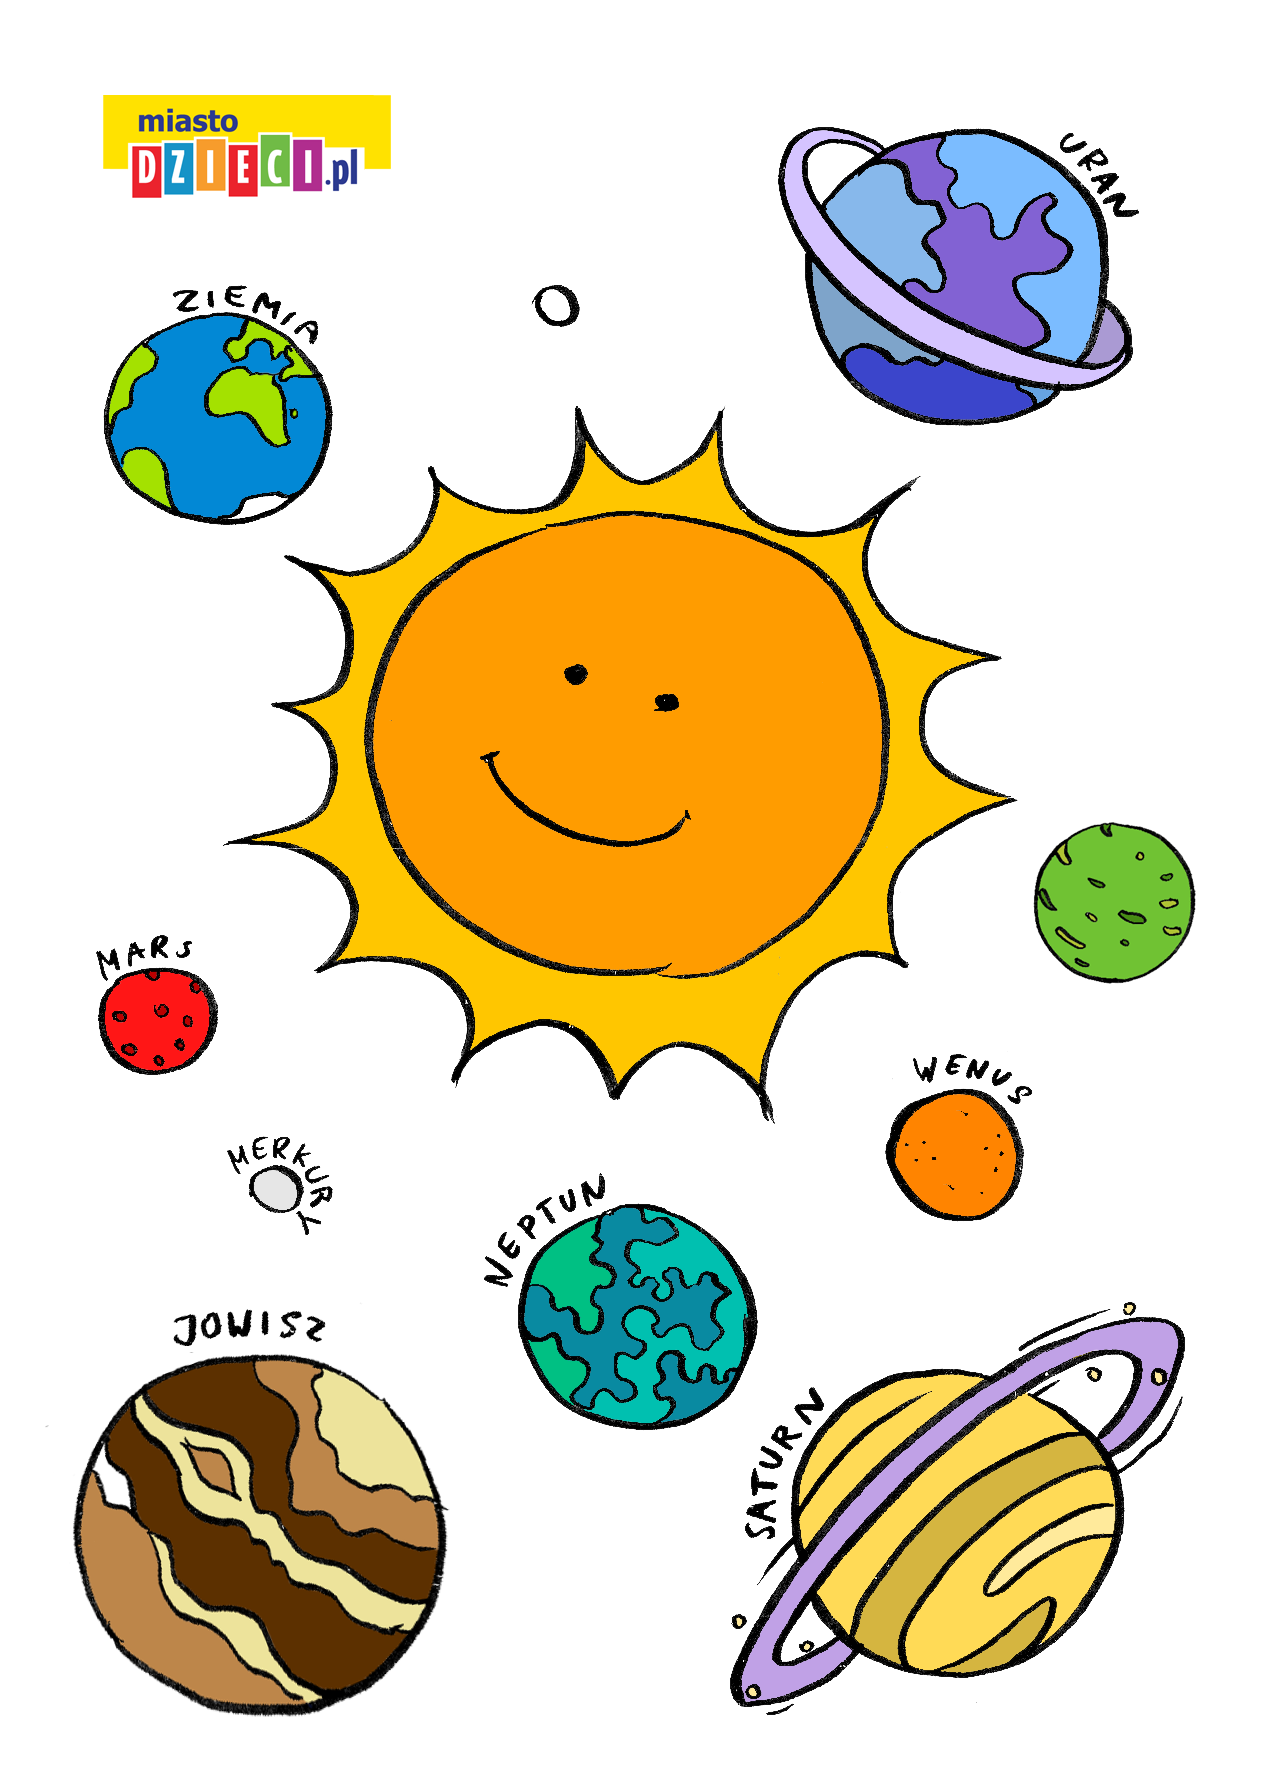 Słońce i planecie do wycinania szablony do druku dla dzieci MiastoDzieci.pl